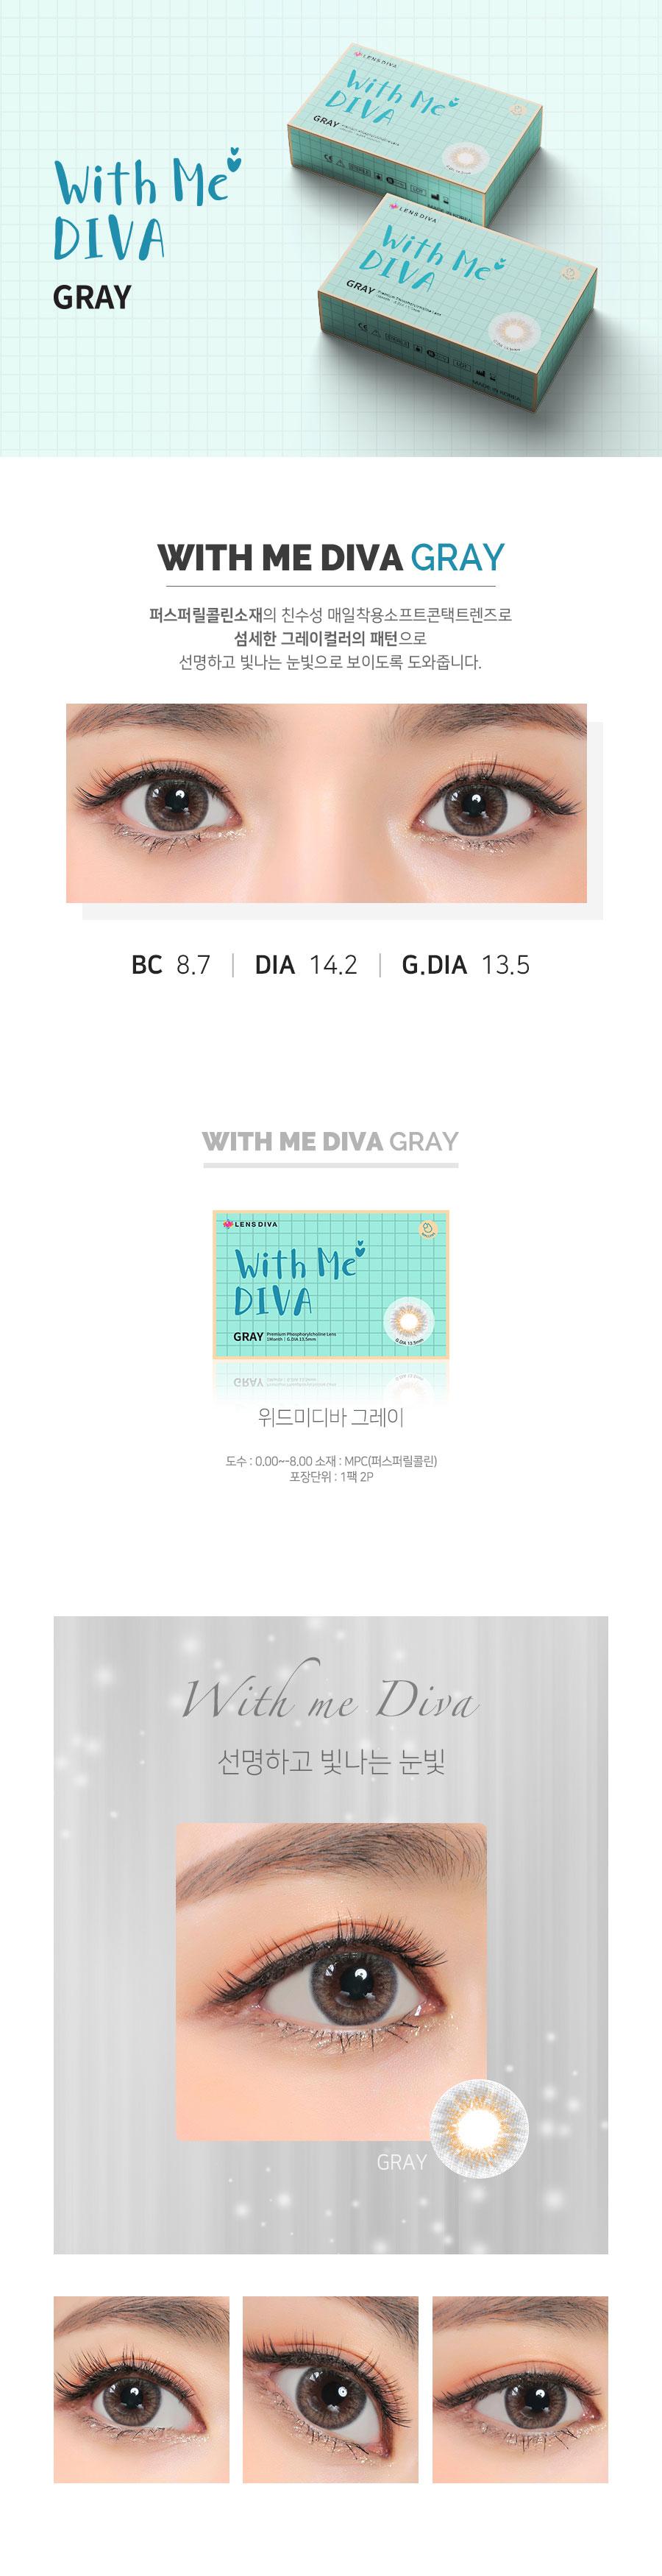 whith-me-diva-gray1.jpg